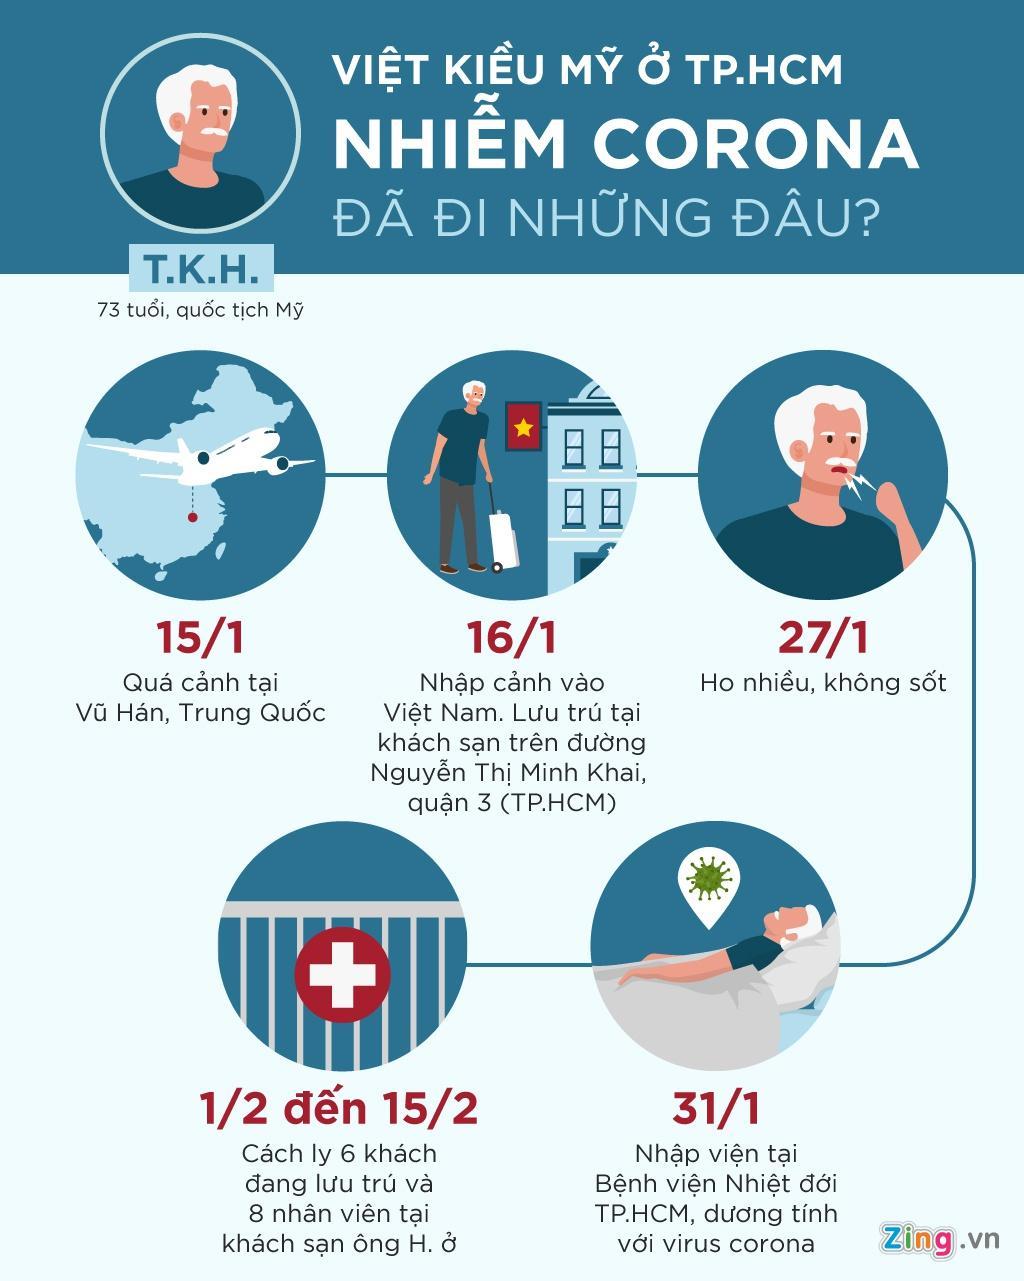 Cách ly Việt kiều Mỹ dương tính với virus corona ở TP. HCM-2